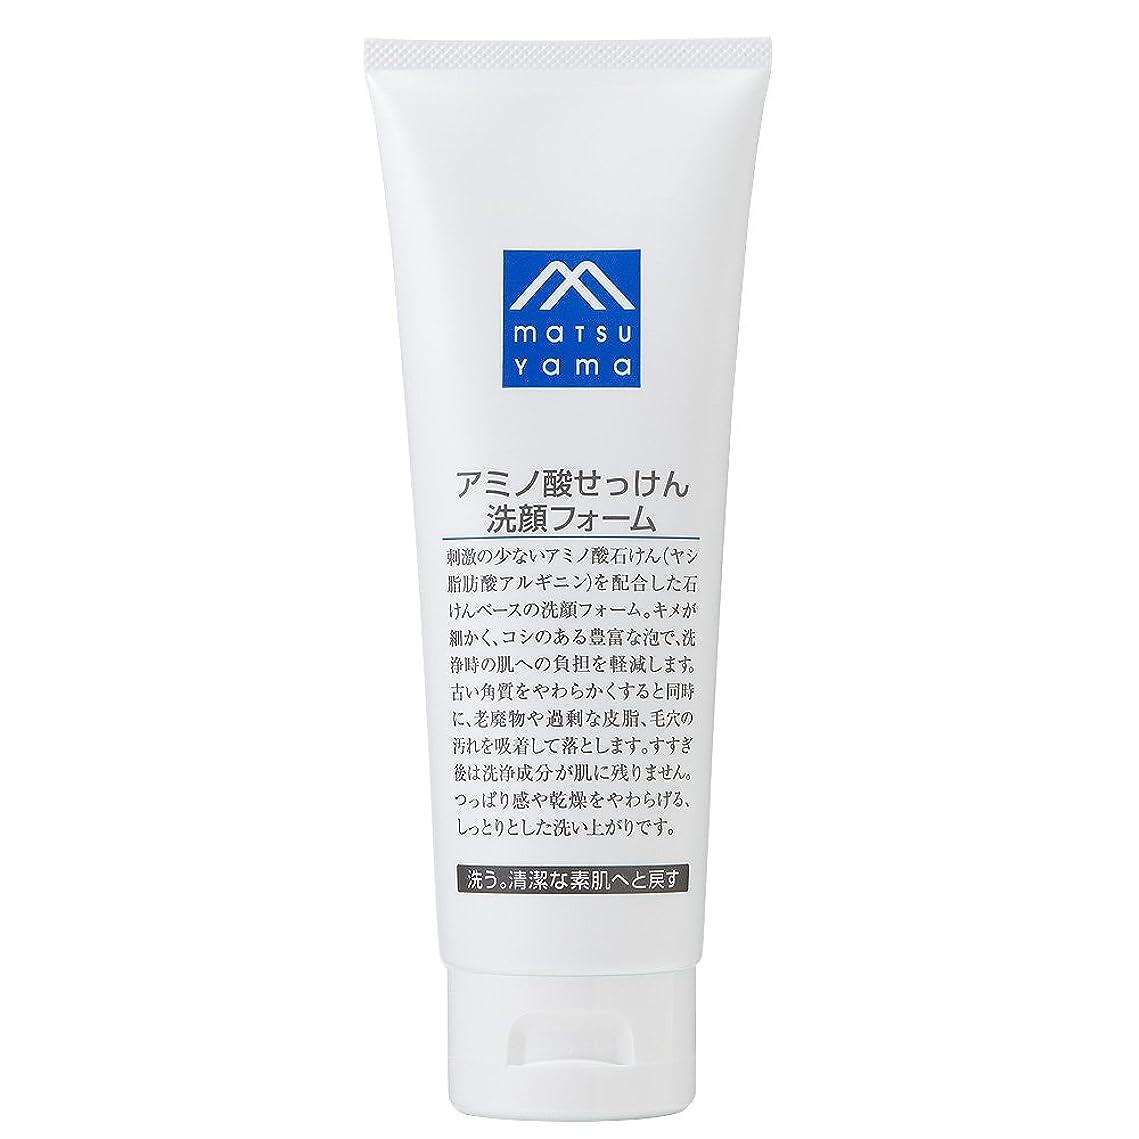 処分した究極のローマ人M-mark アミノ酸せっけん洗顔フォーム